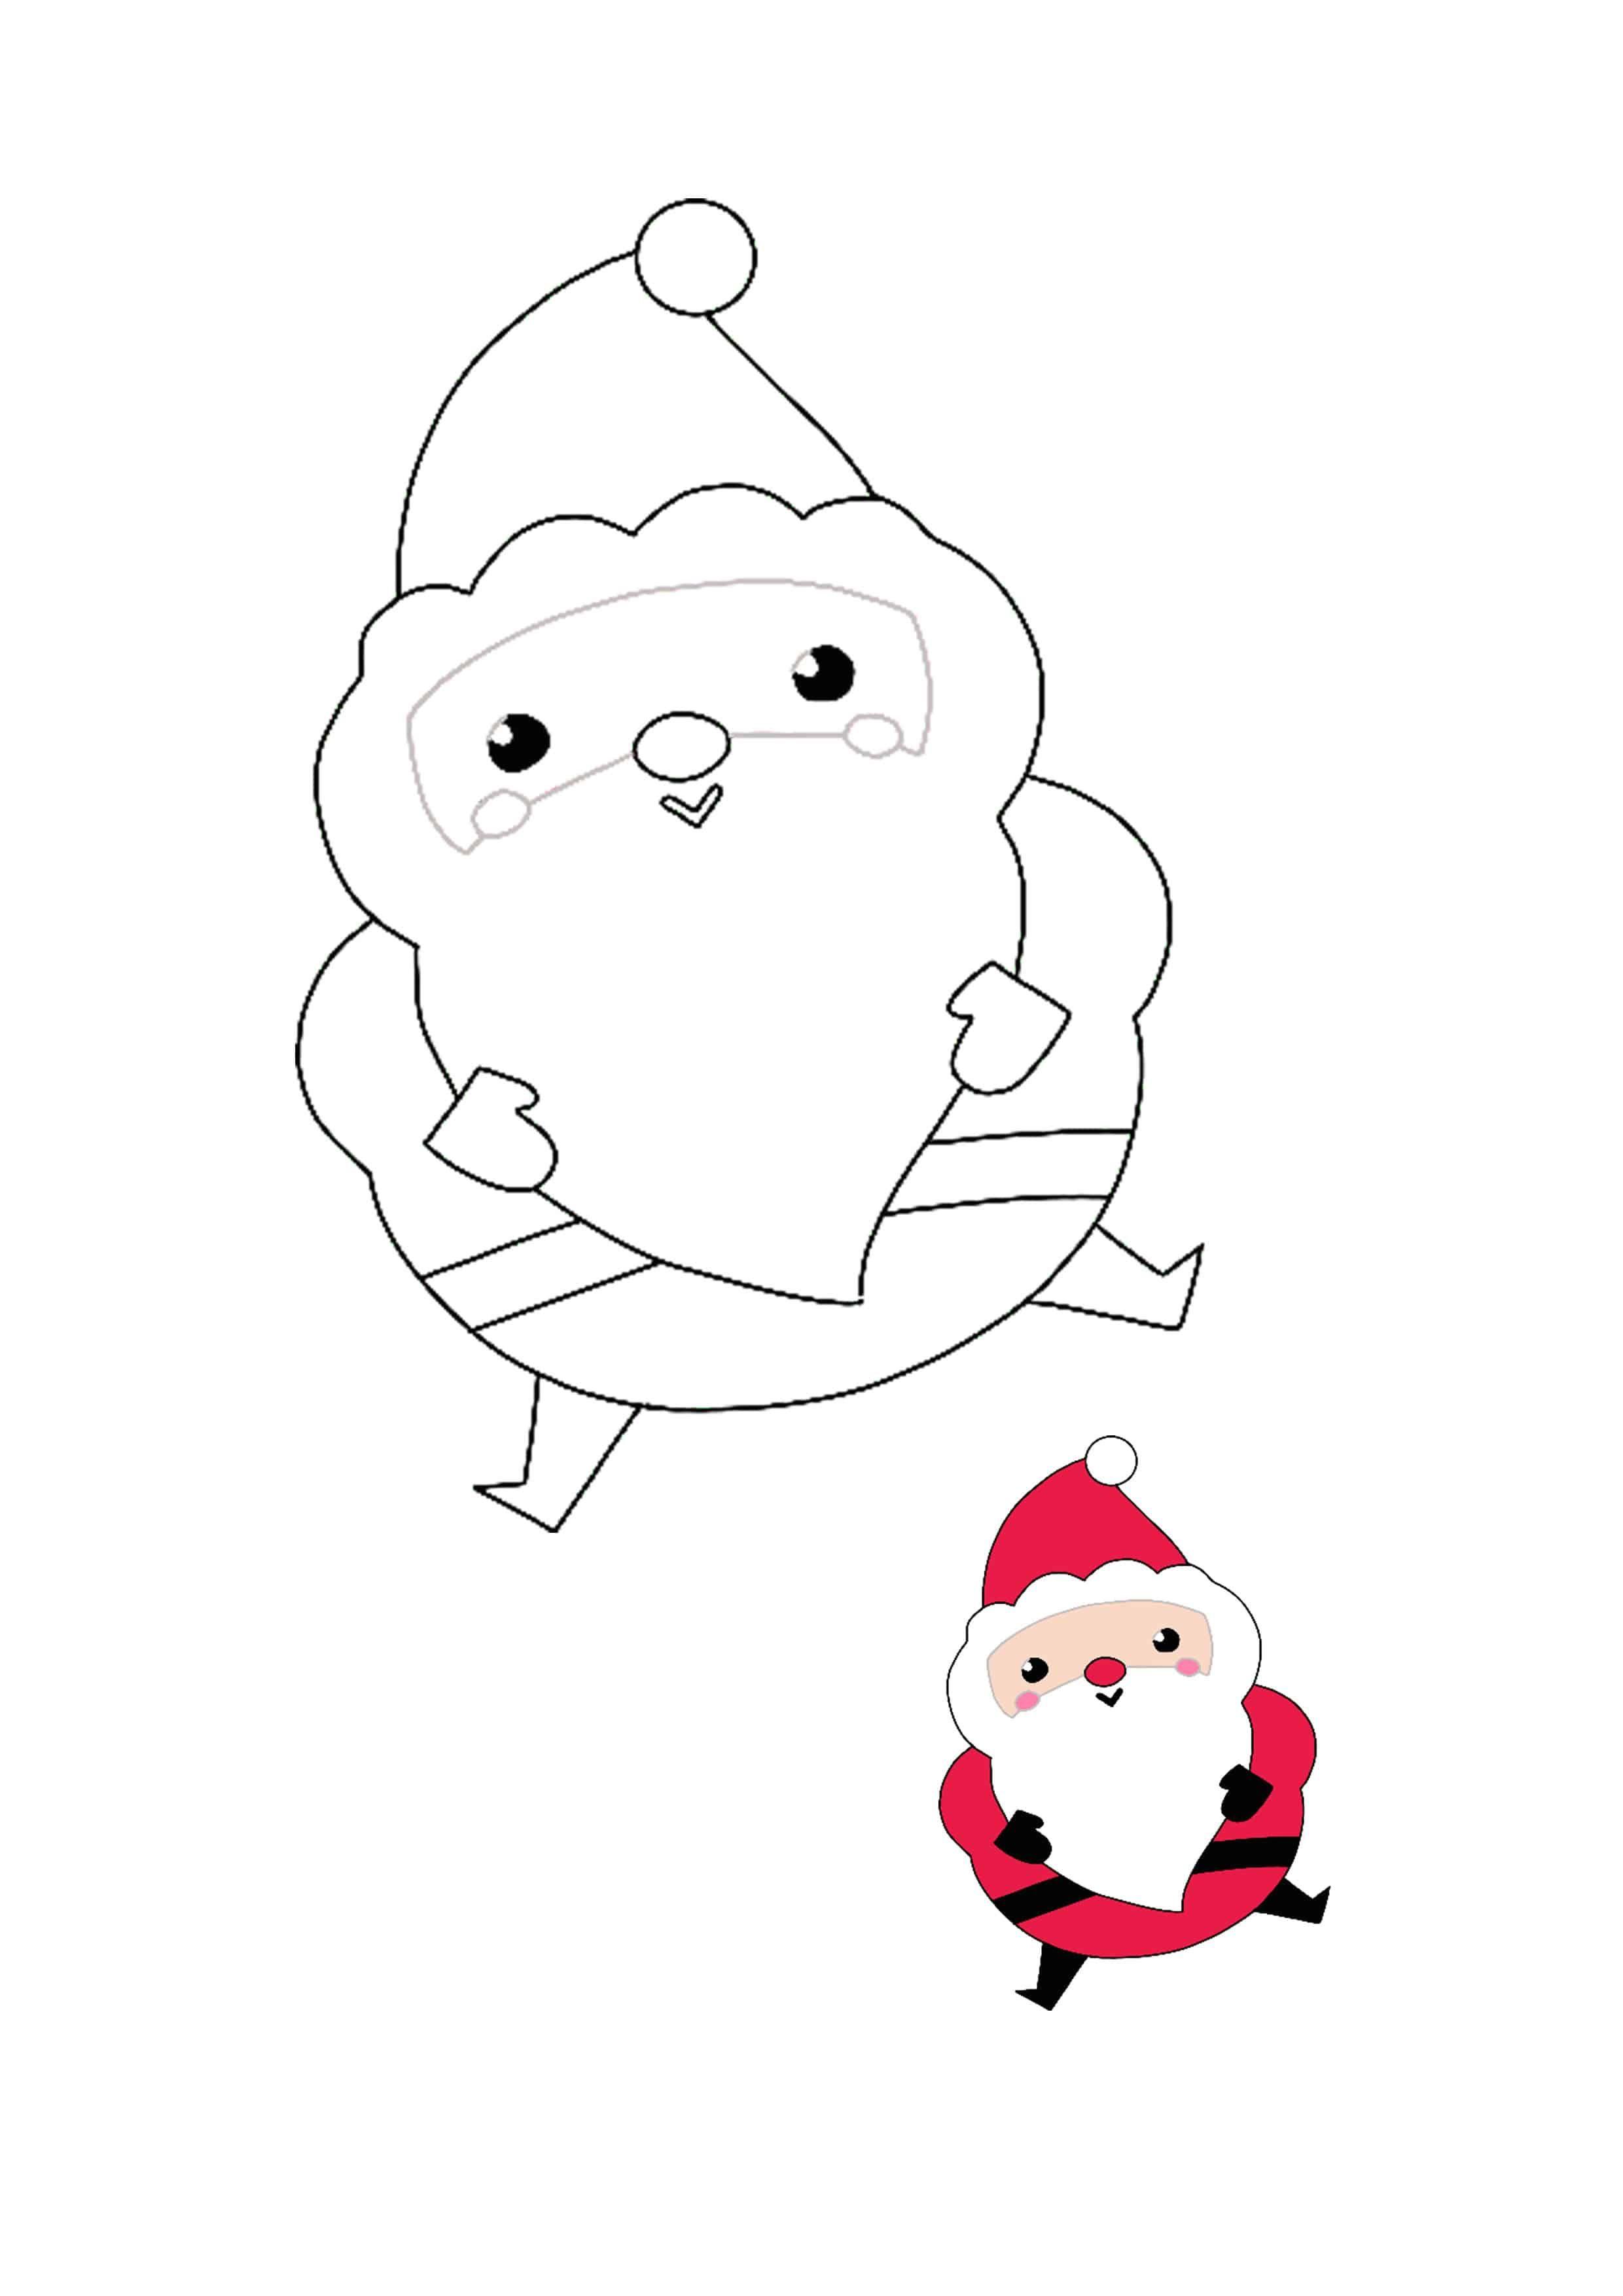 Kawaii Christmas Santa Coloring Picture Free Printable Coloring Sheets Free Printable Coloring Kawaii Christmas